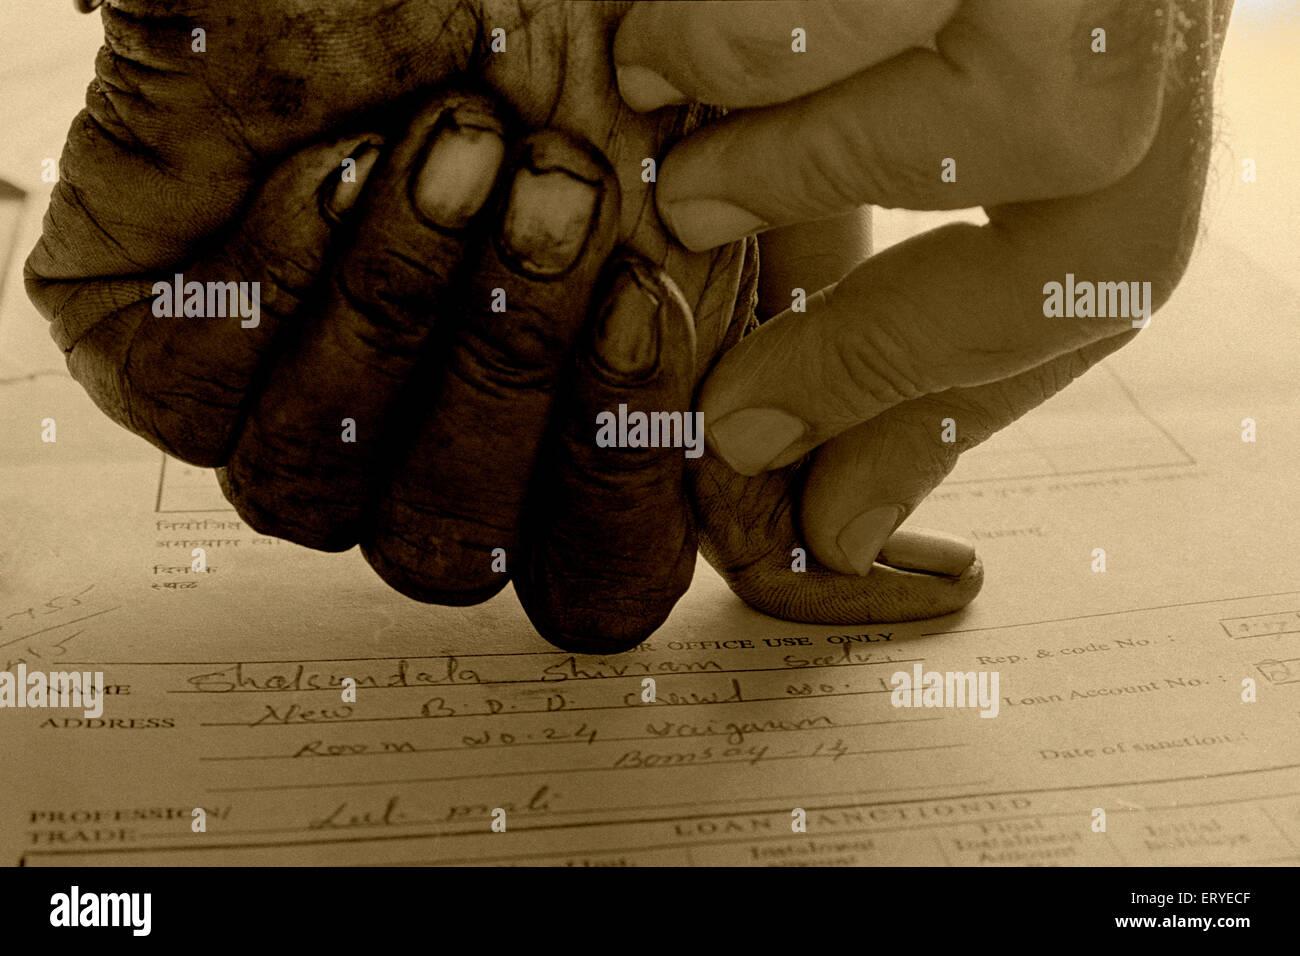 Thumb impression en tant que signature sur le document de la Banque mondiale; Bombay Mumbai Maharashtra; Photo Stock